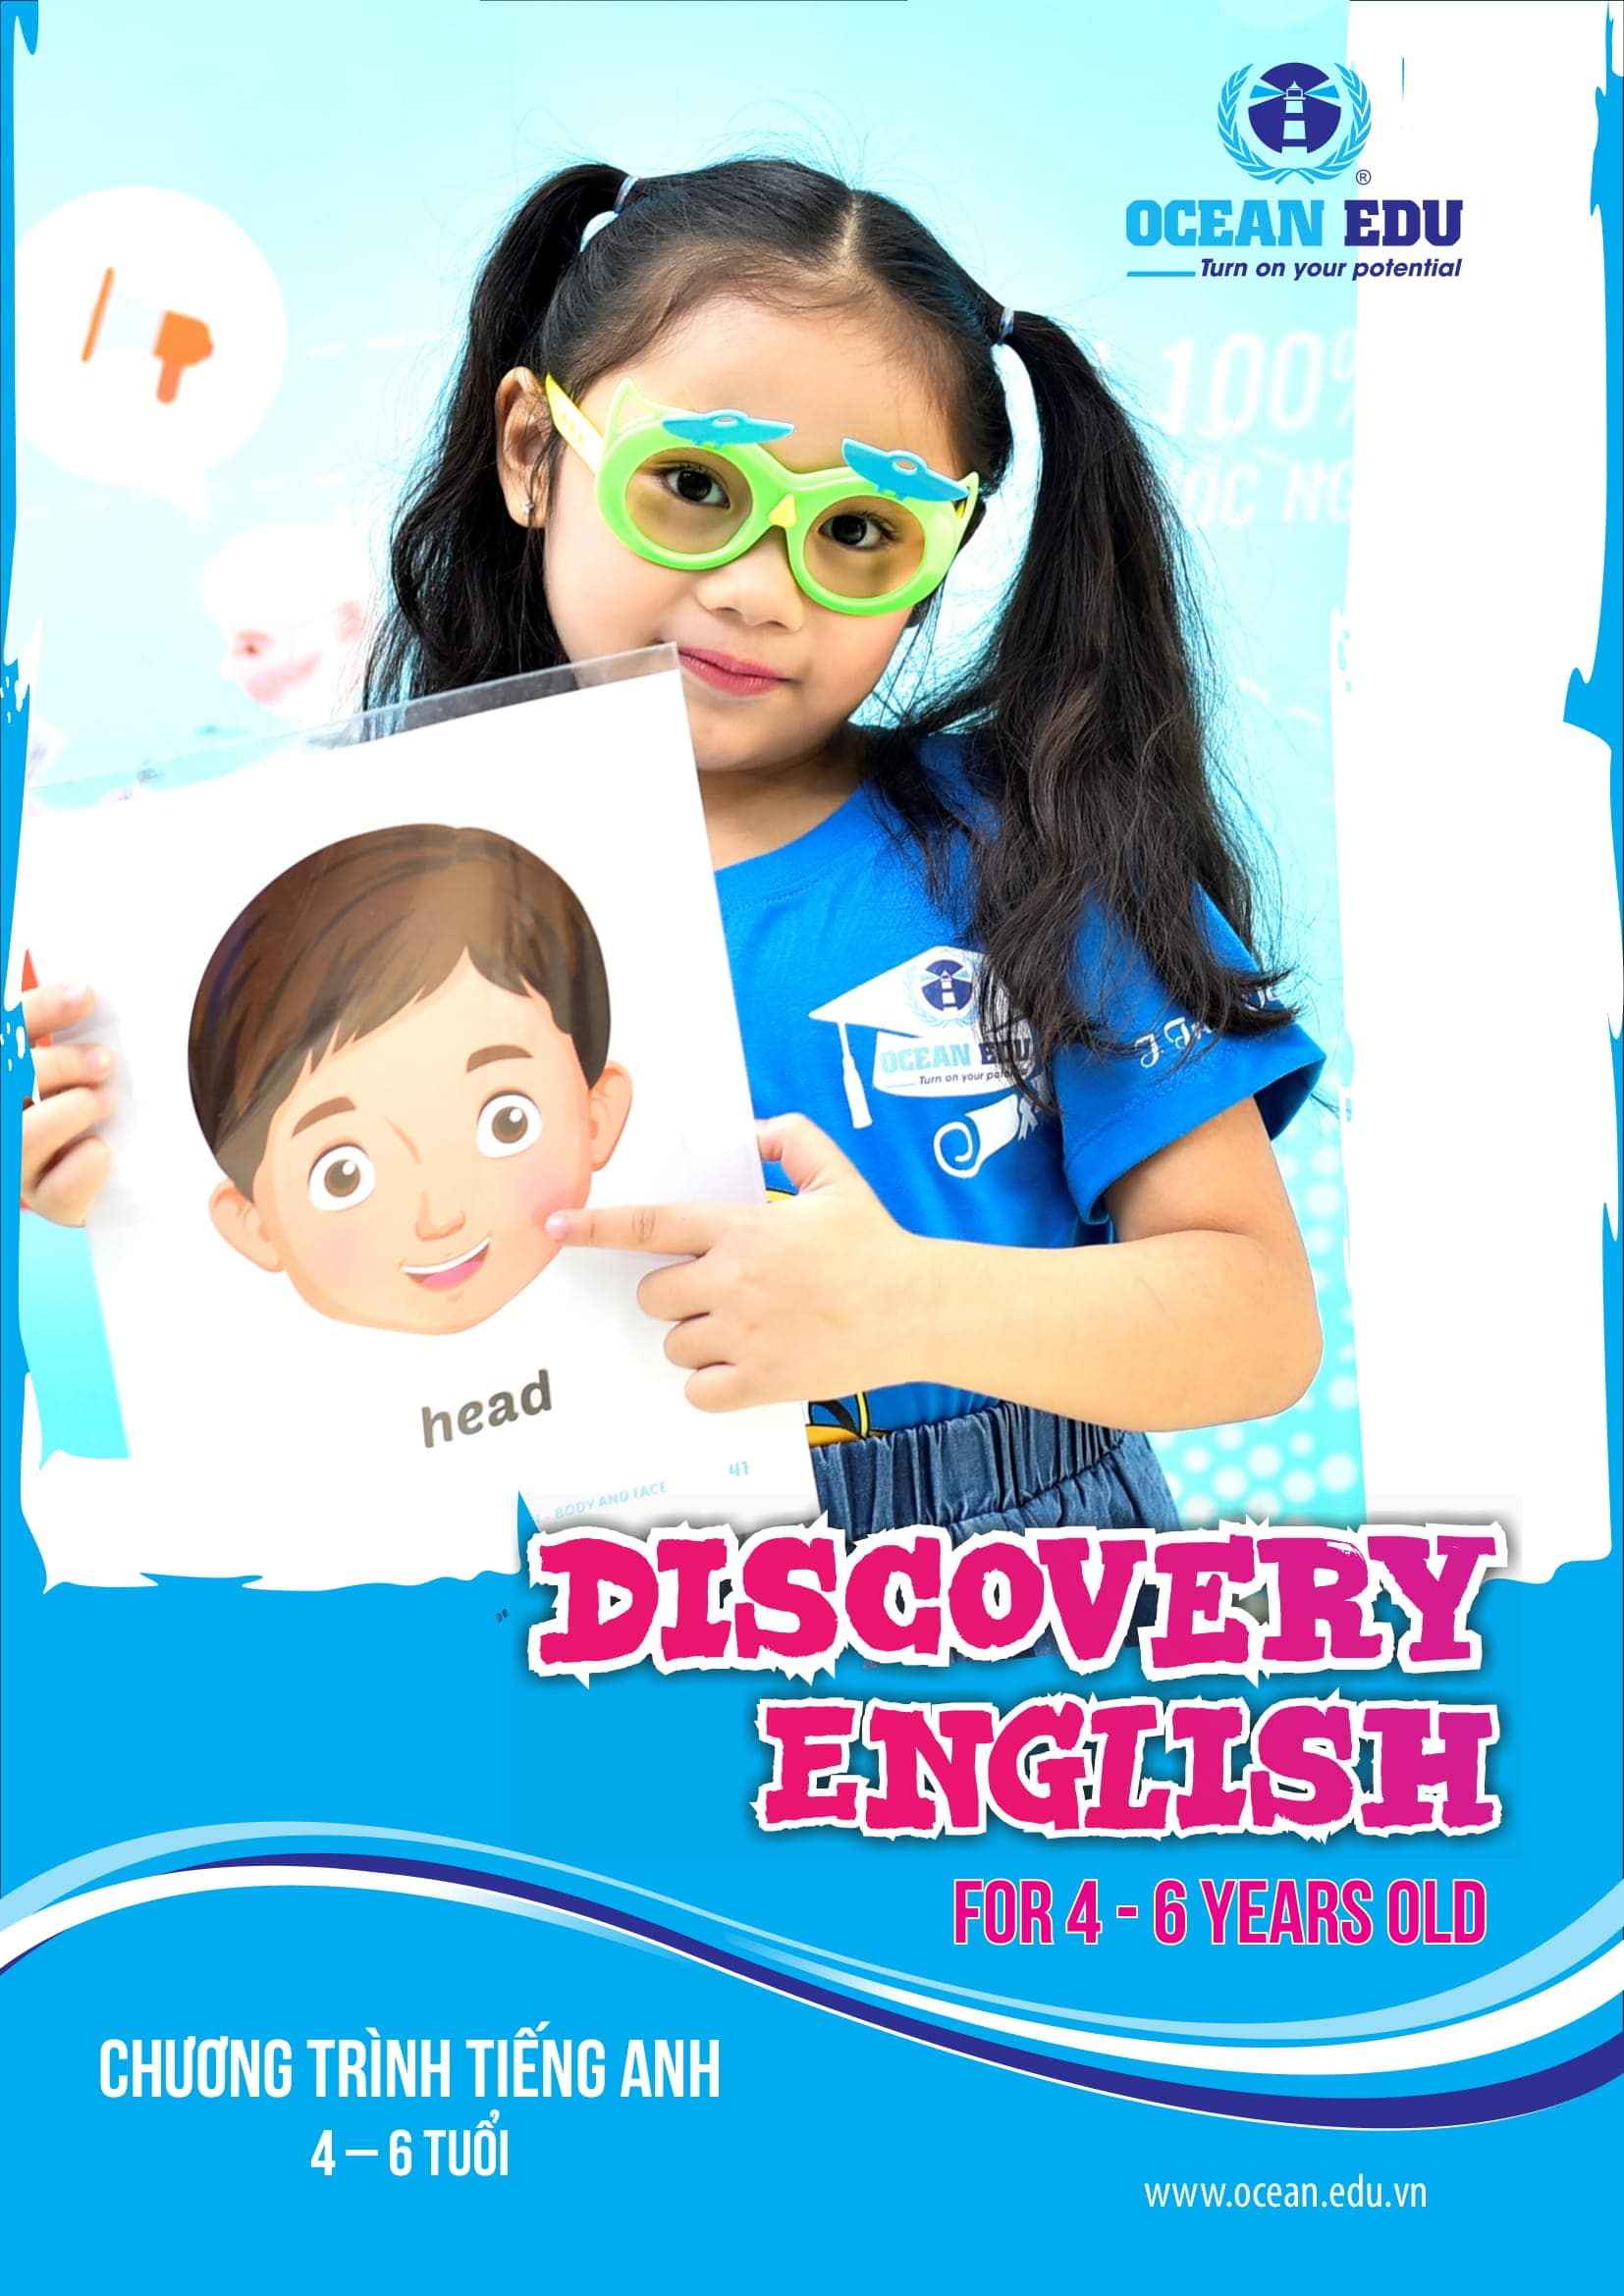 Lớp dạy Tiếng Anh cho bé từ 4-6 tuổi